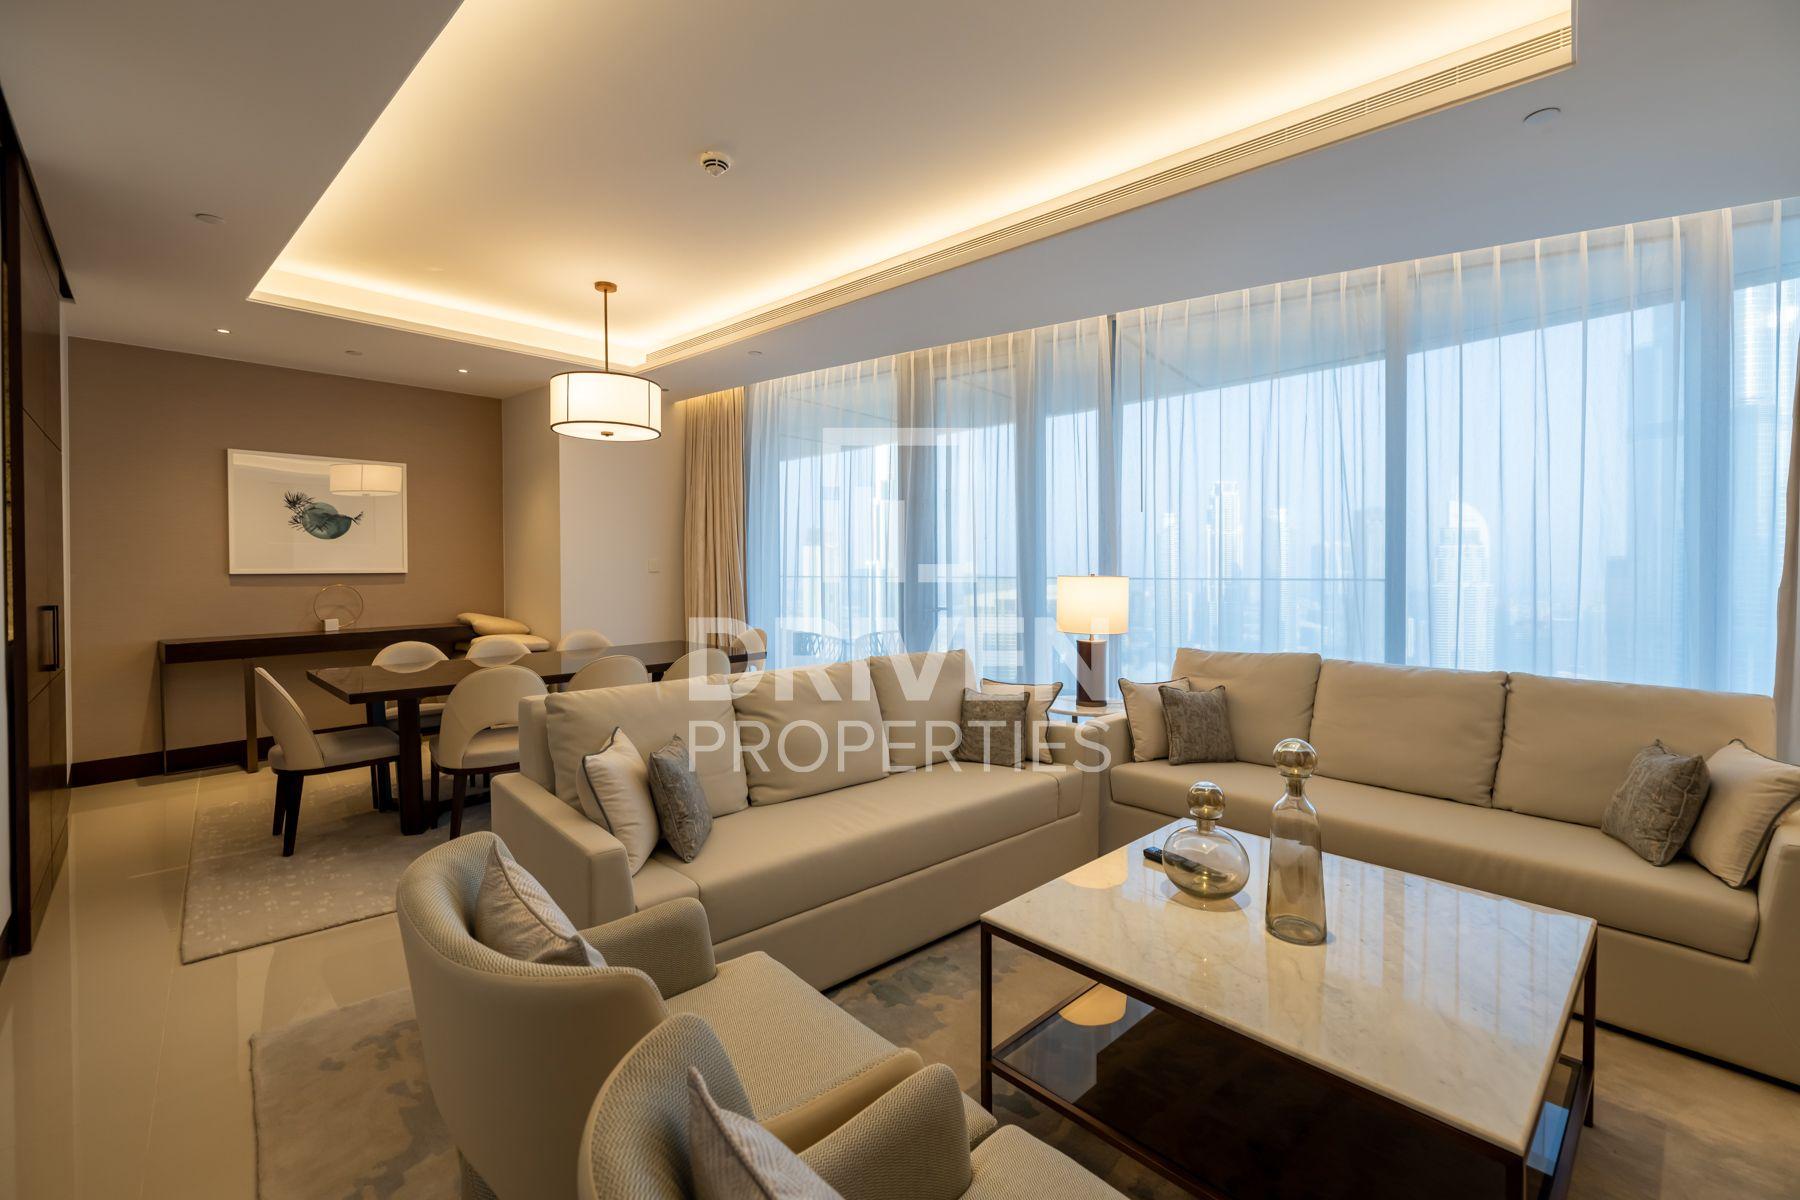 2,431 قدم مربع  شقة - للايجار - دبي وسط المدينة